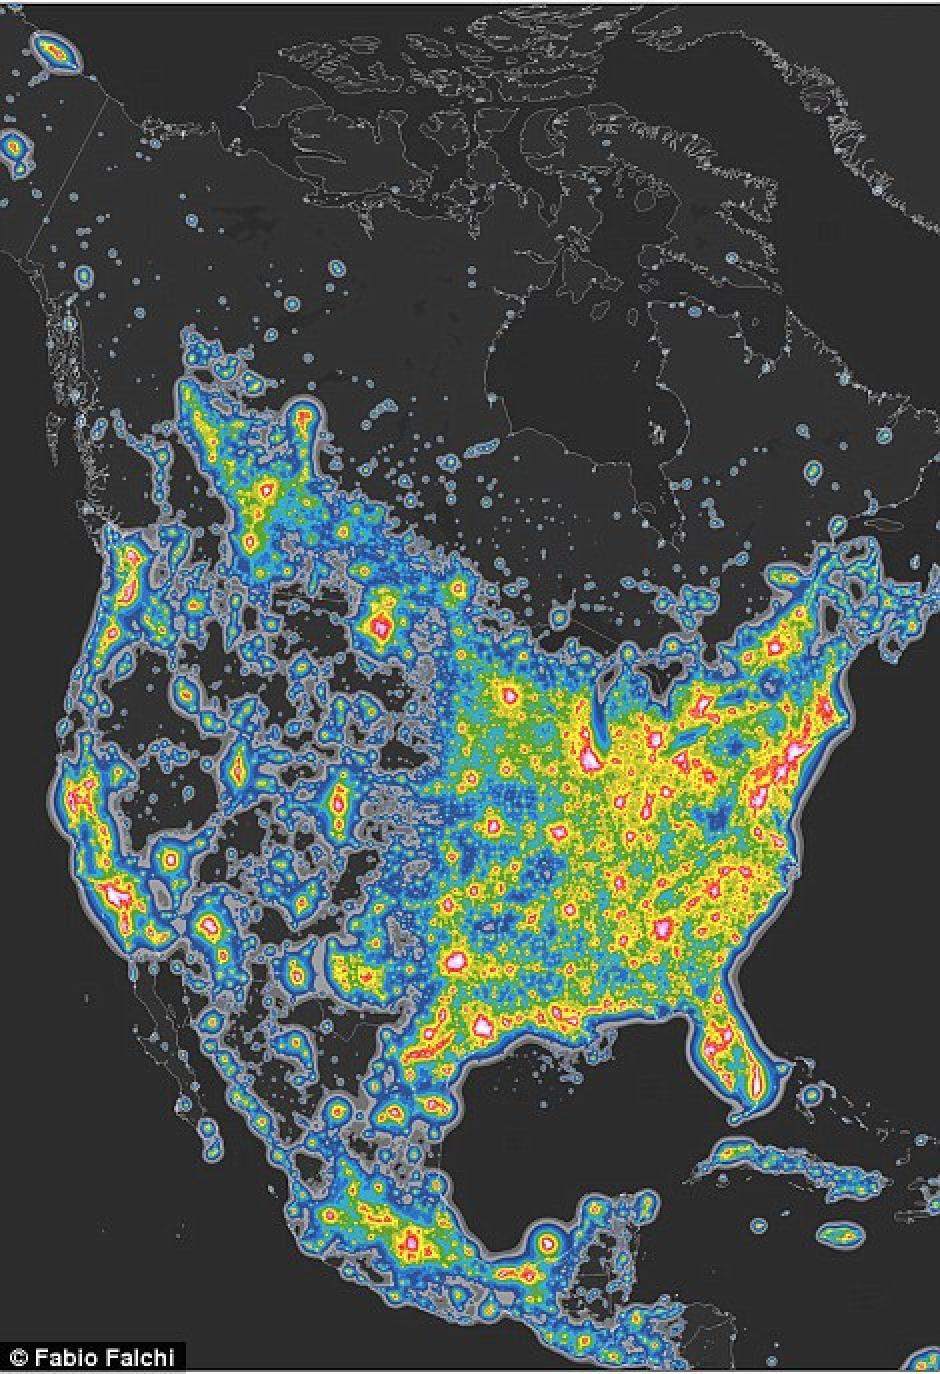 Estados Unidos es uno de los más afectados. (Foto: Esri)